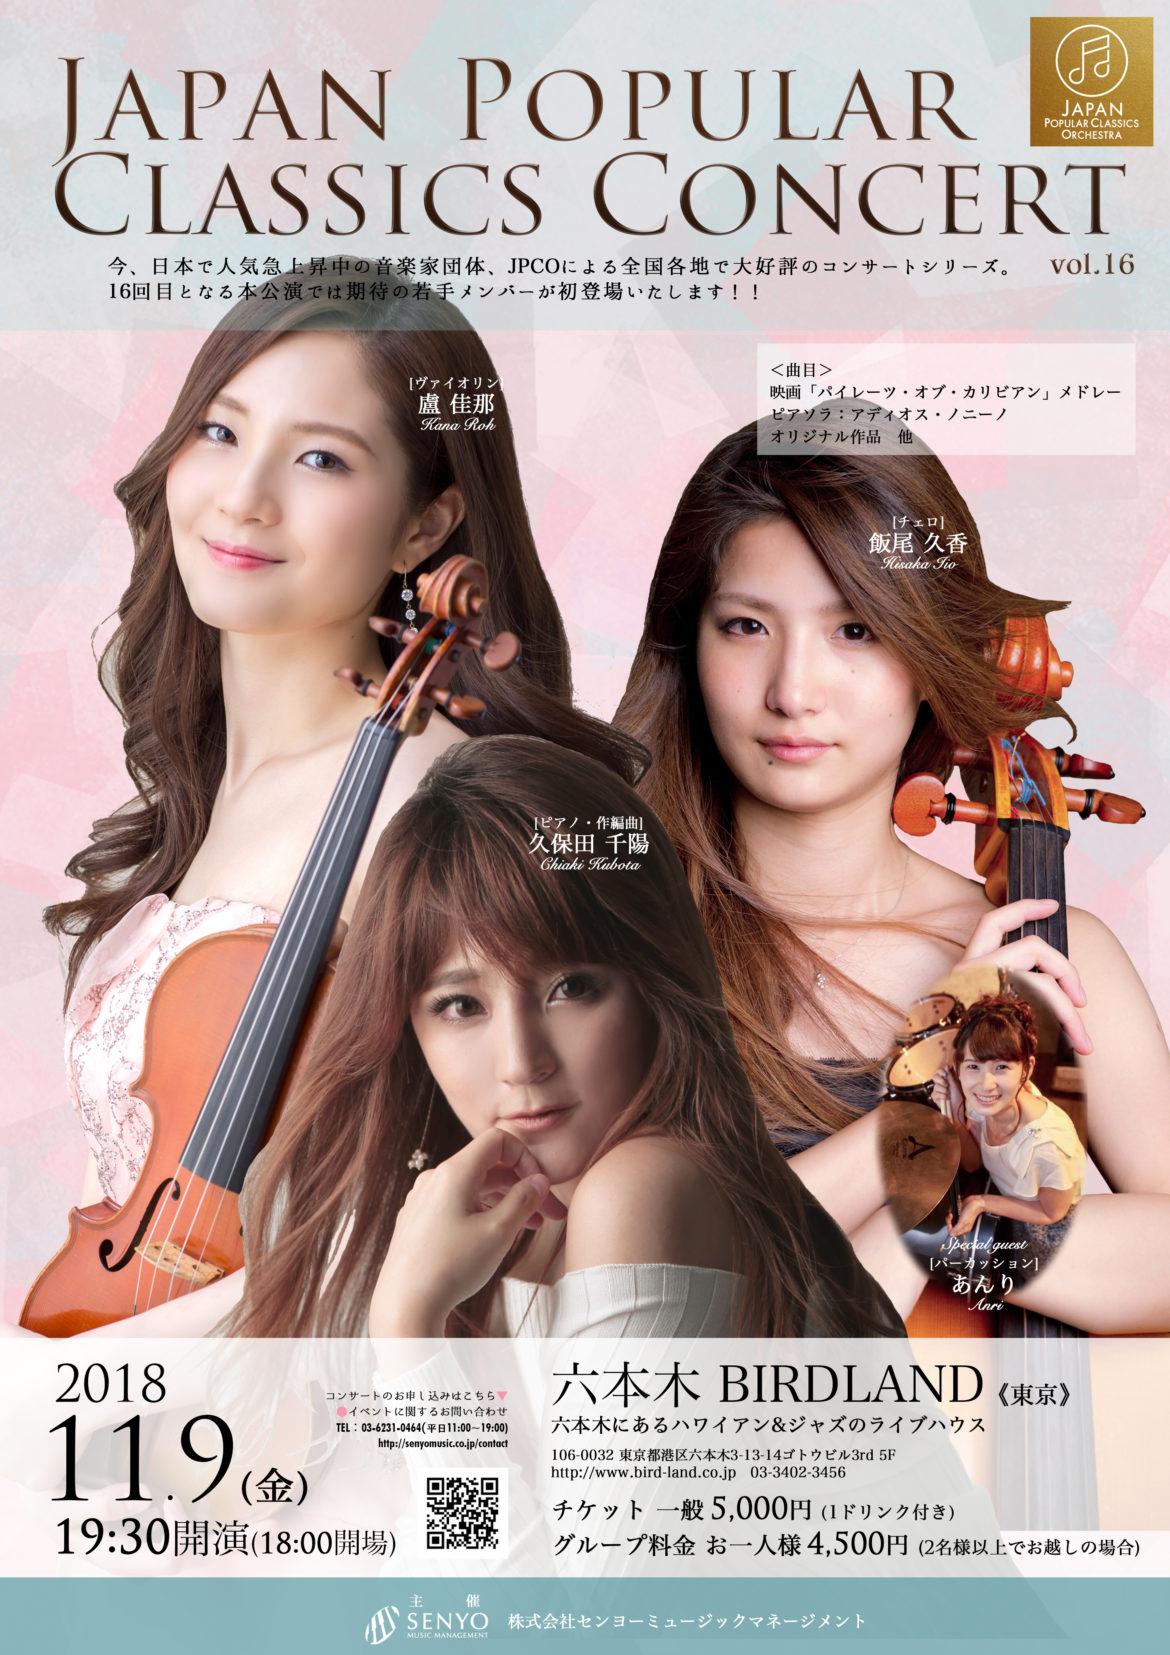 2018.11.9 第16回 JAPAN POPULAR CLASSICS CONCERT